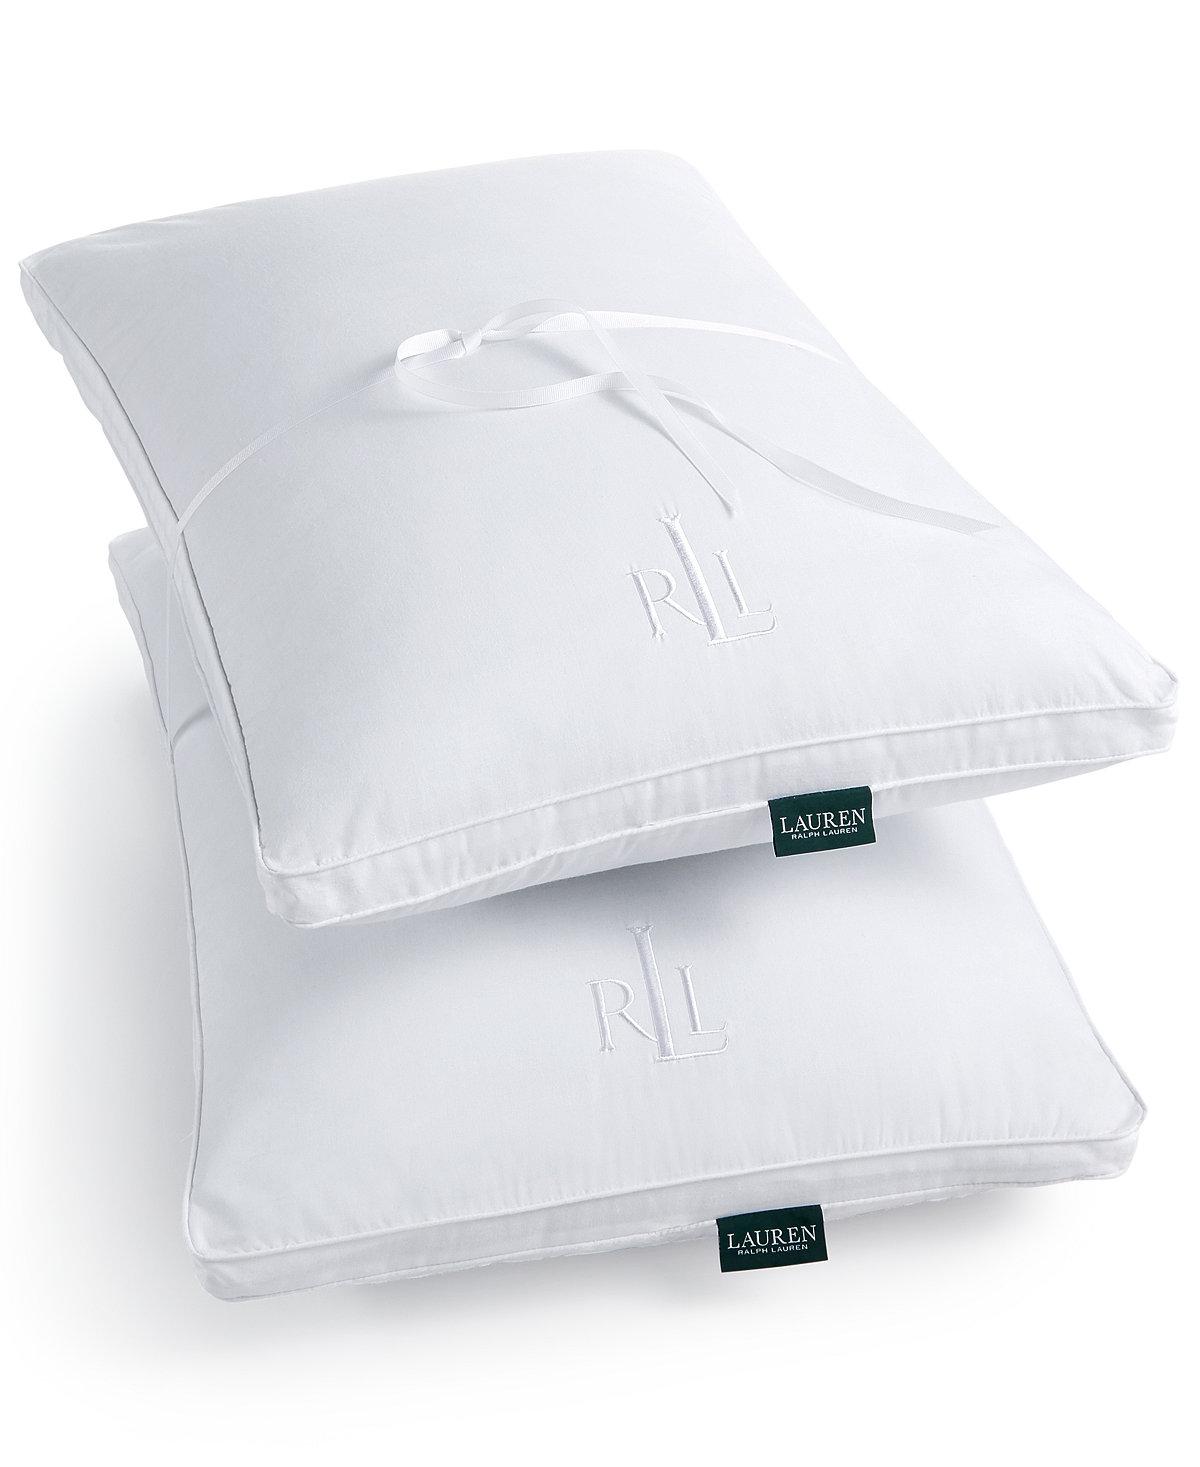 Macy's –  Ralph Lauren Twin Pack Pillows Only $8.99 (Reg $50)